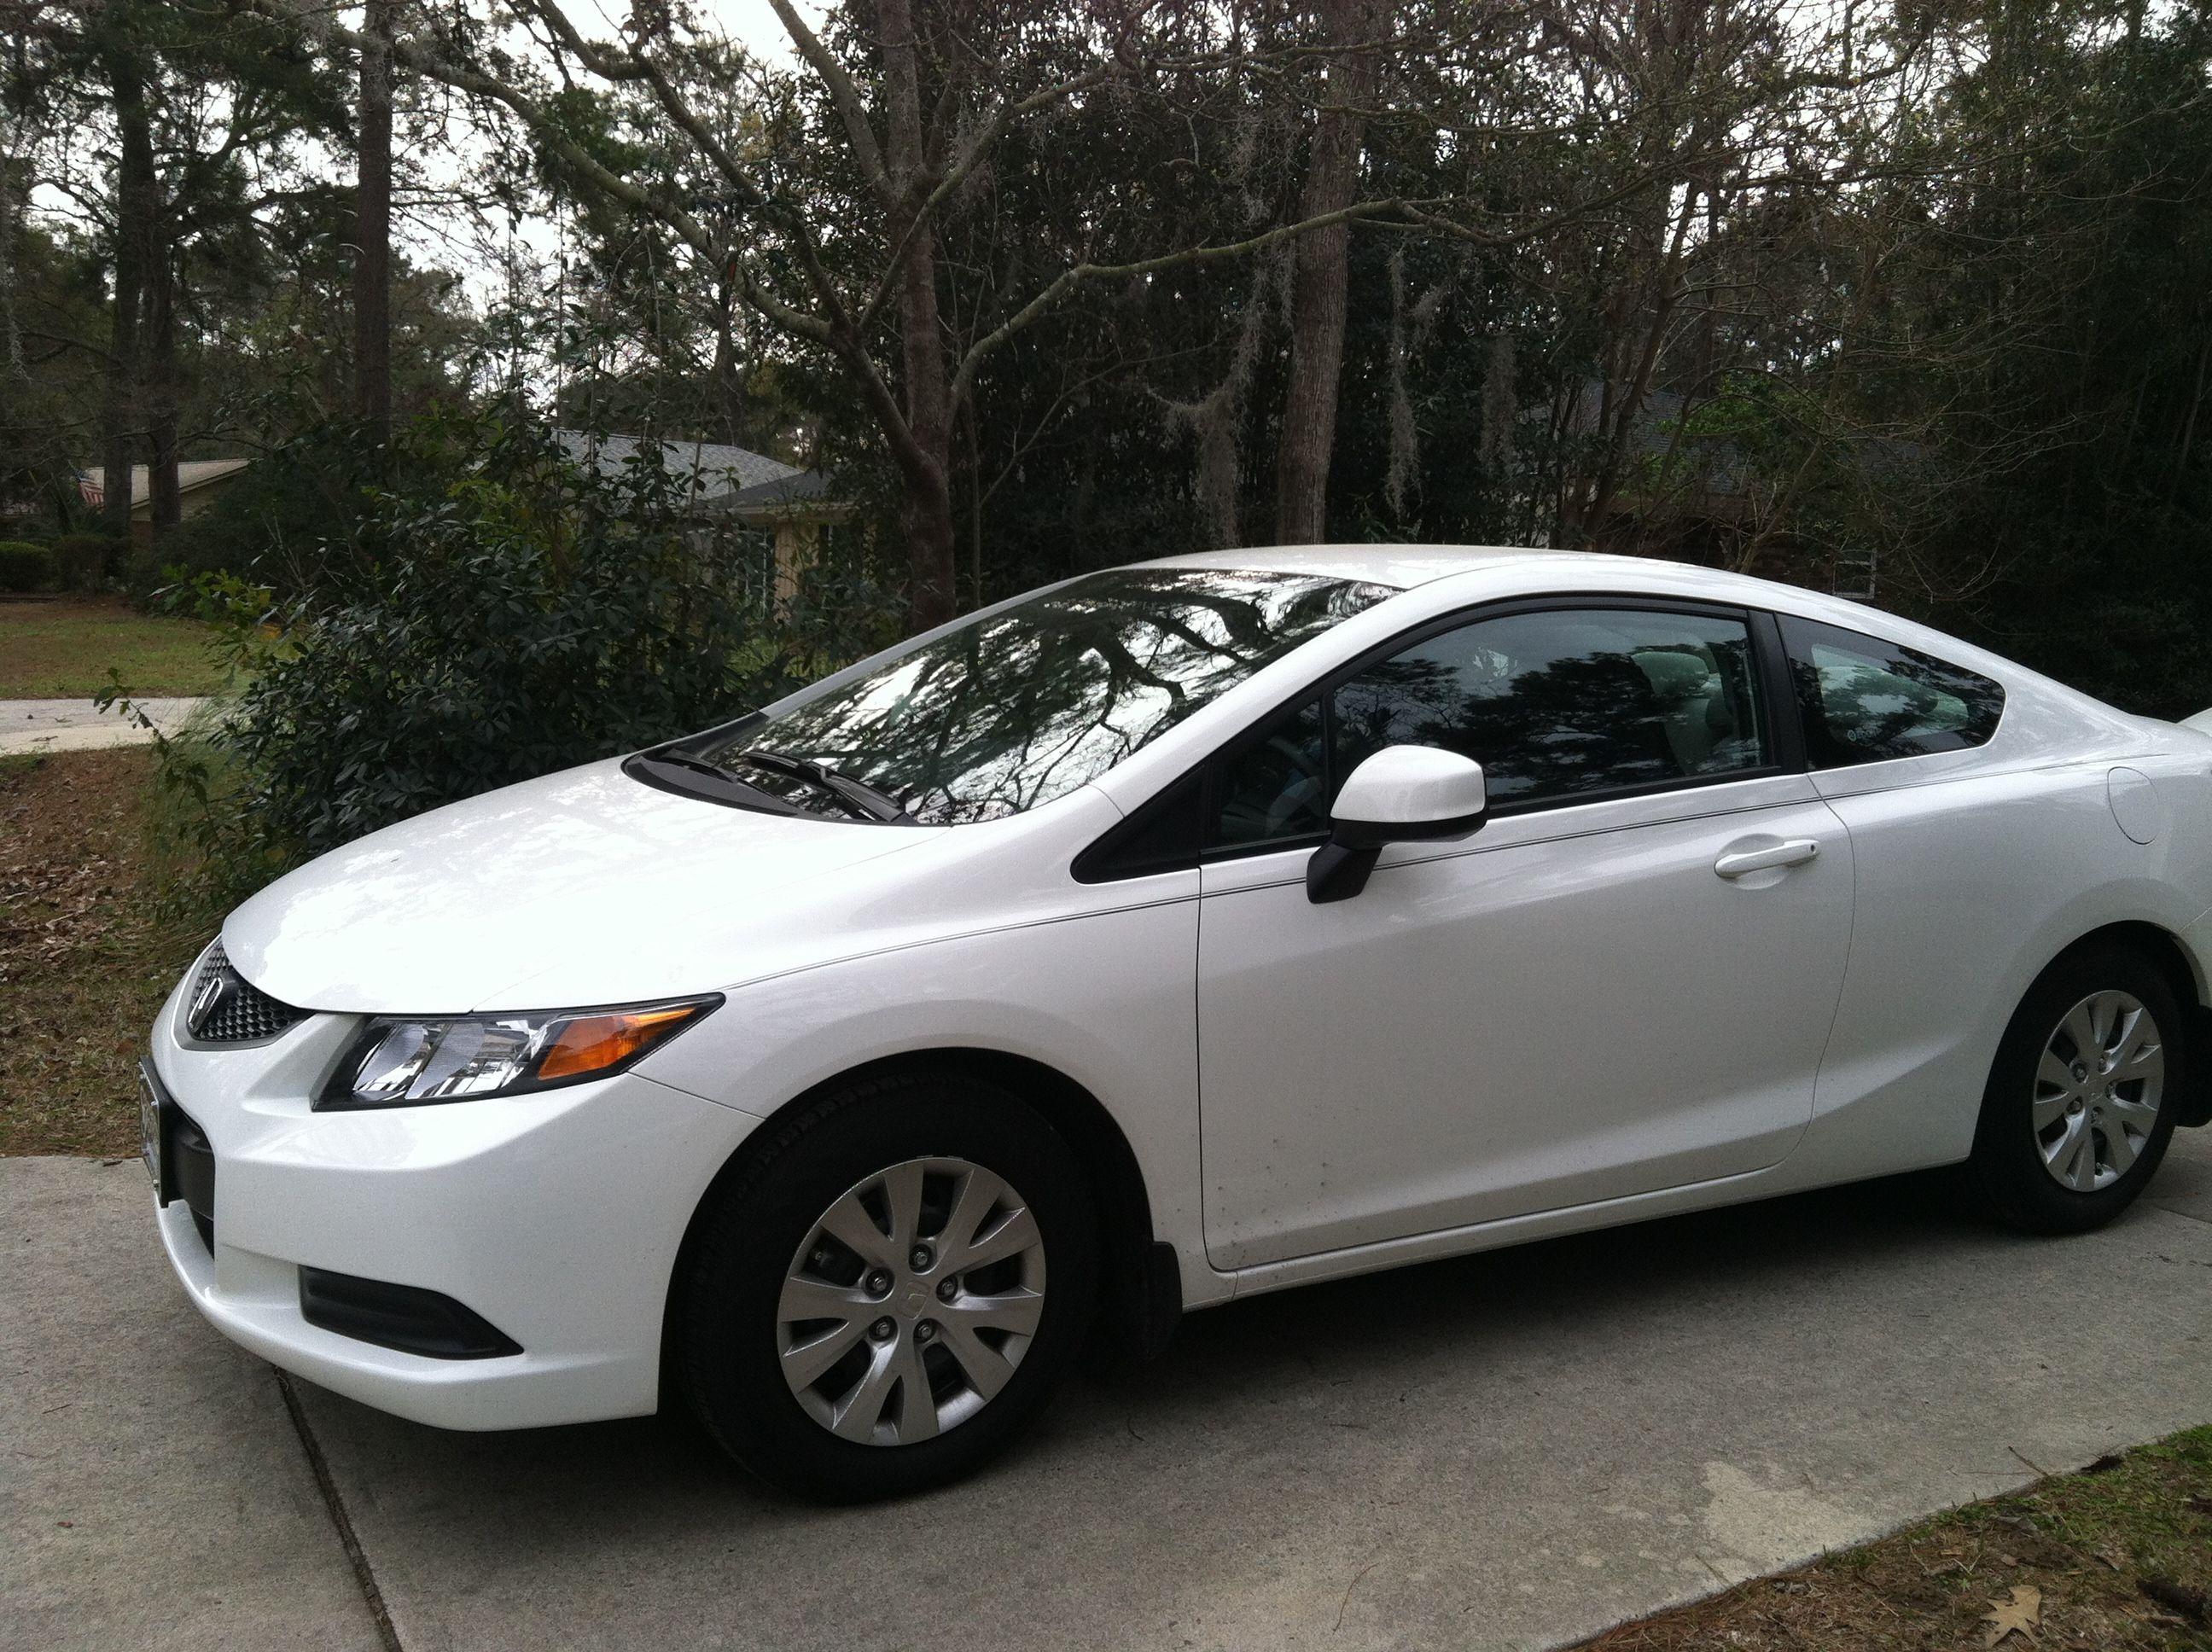 White 2012 Honda Civic Two Door